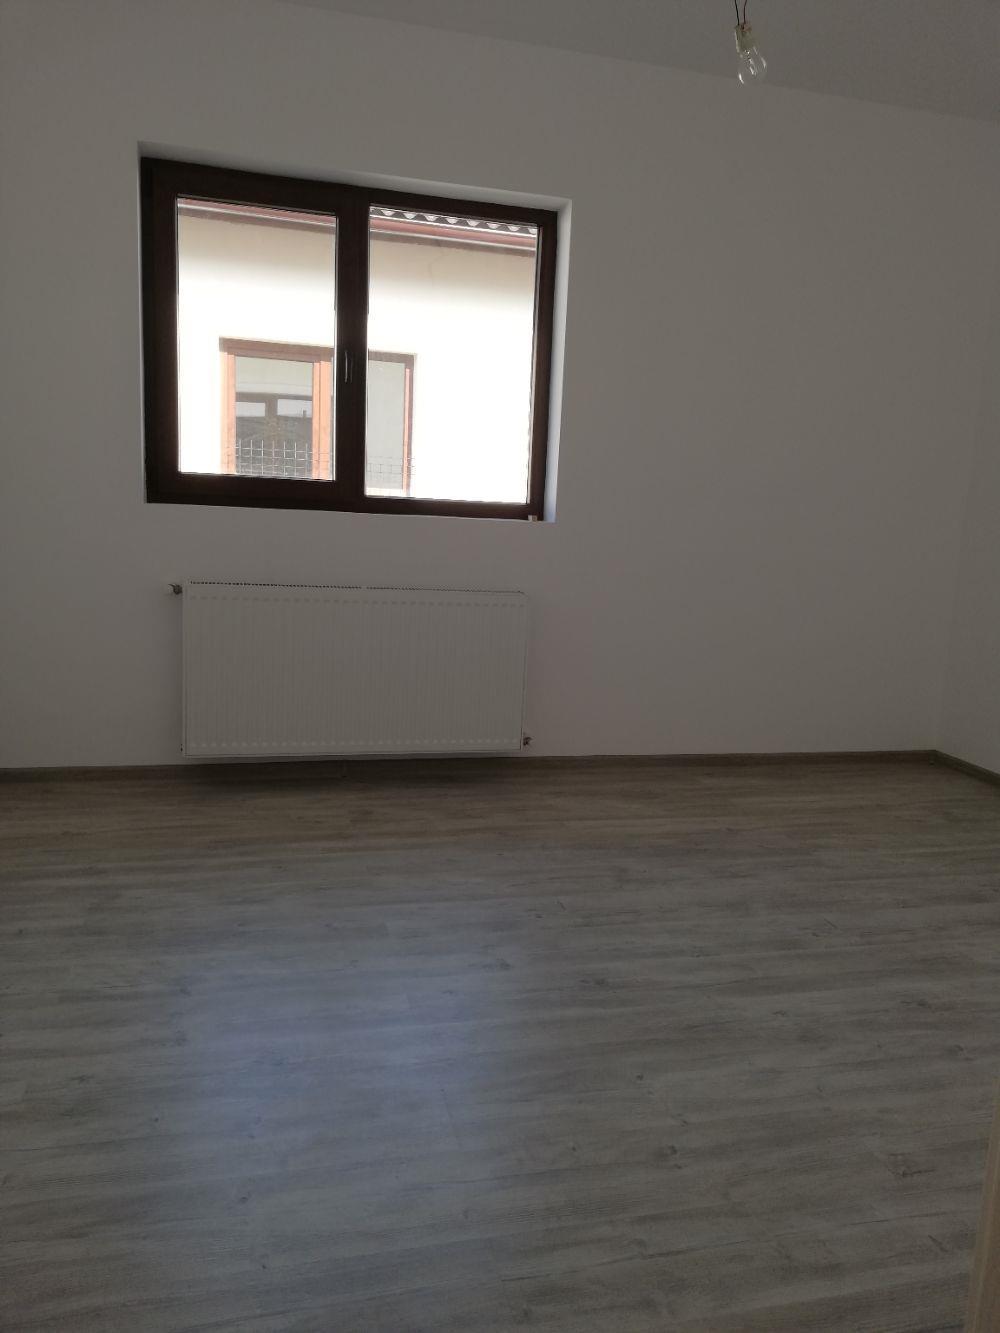 Proprietar Vind Duplex pe Parter cu utilitati  - imagine 5